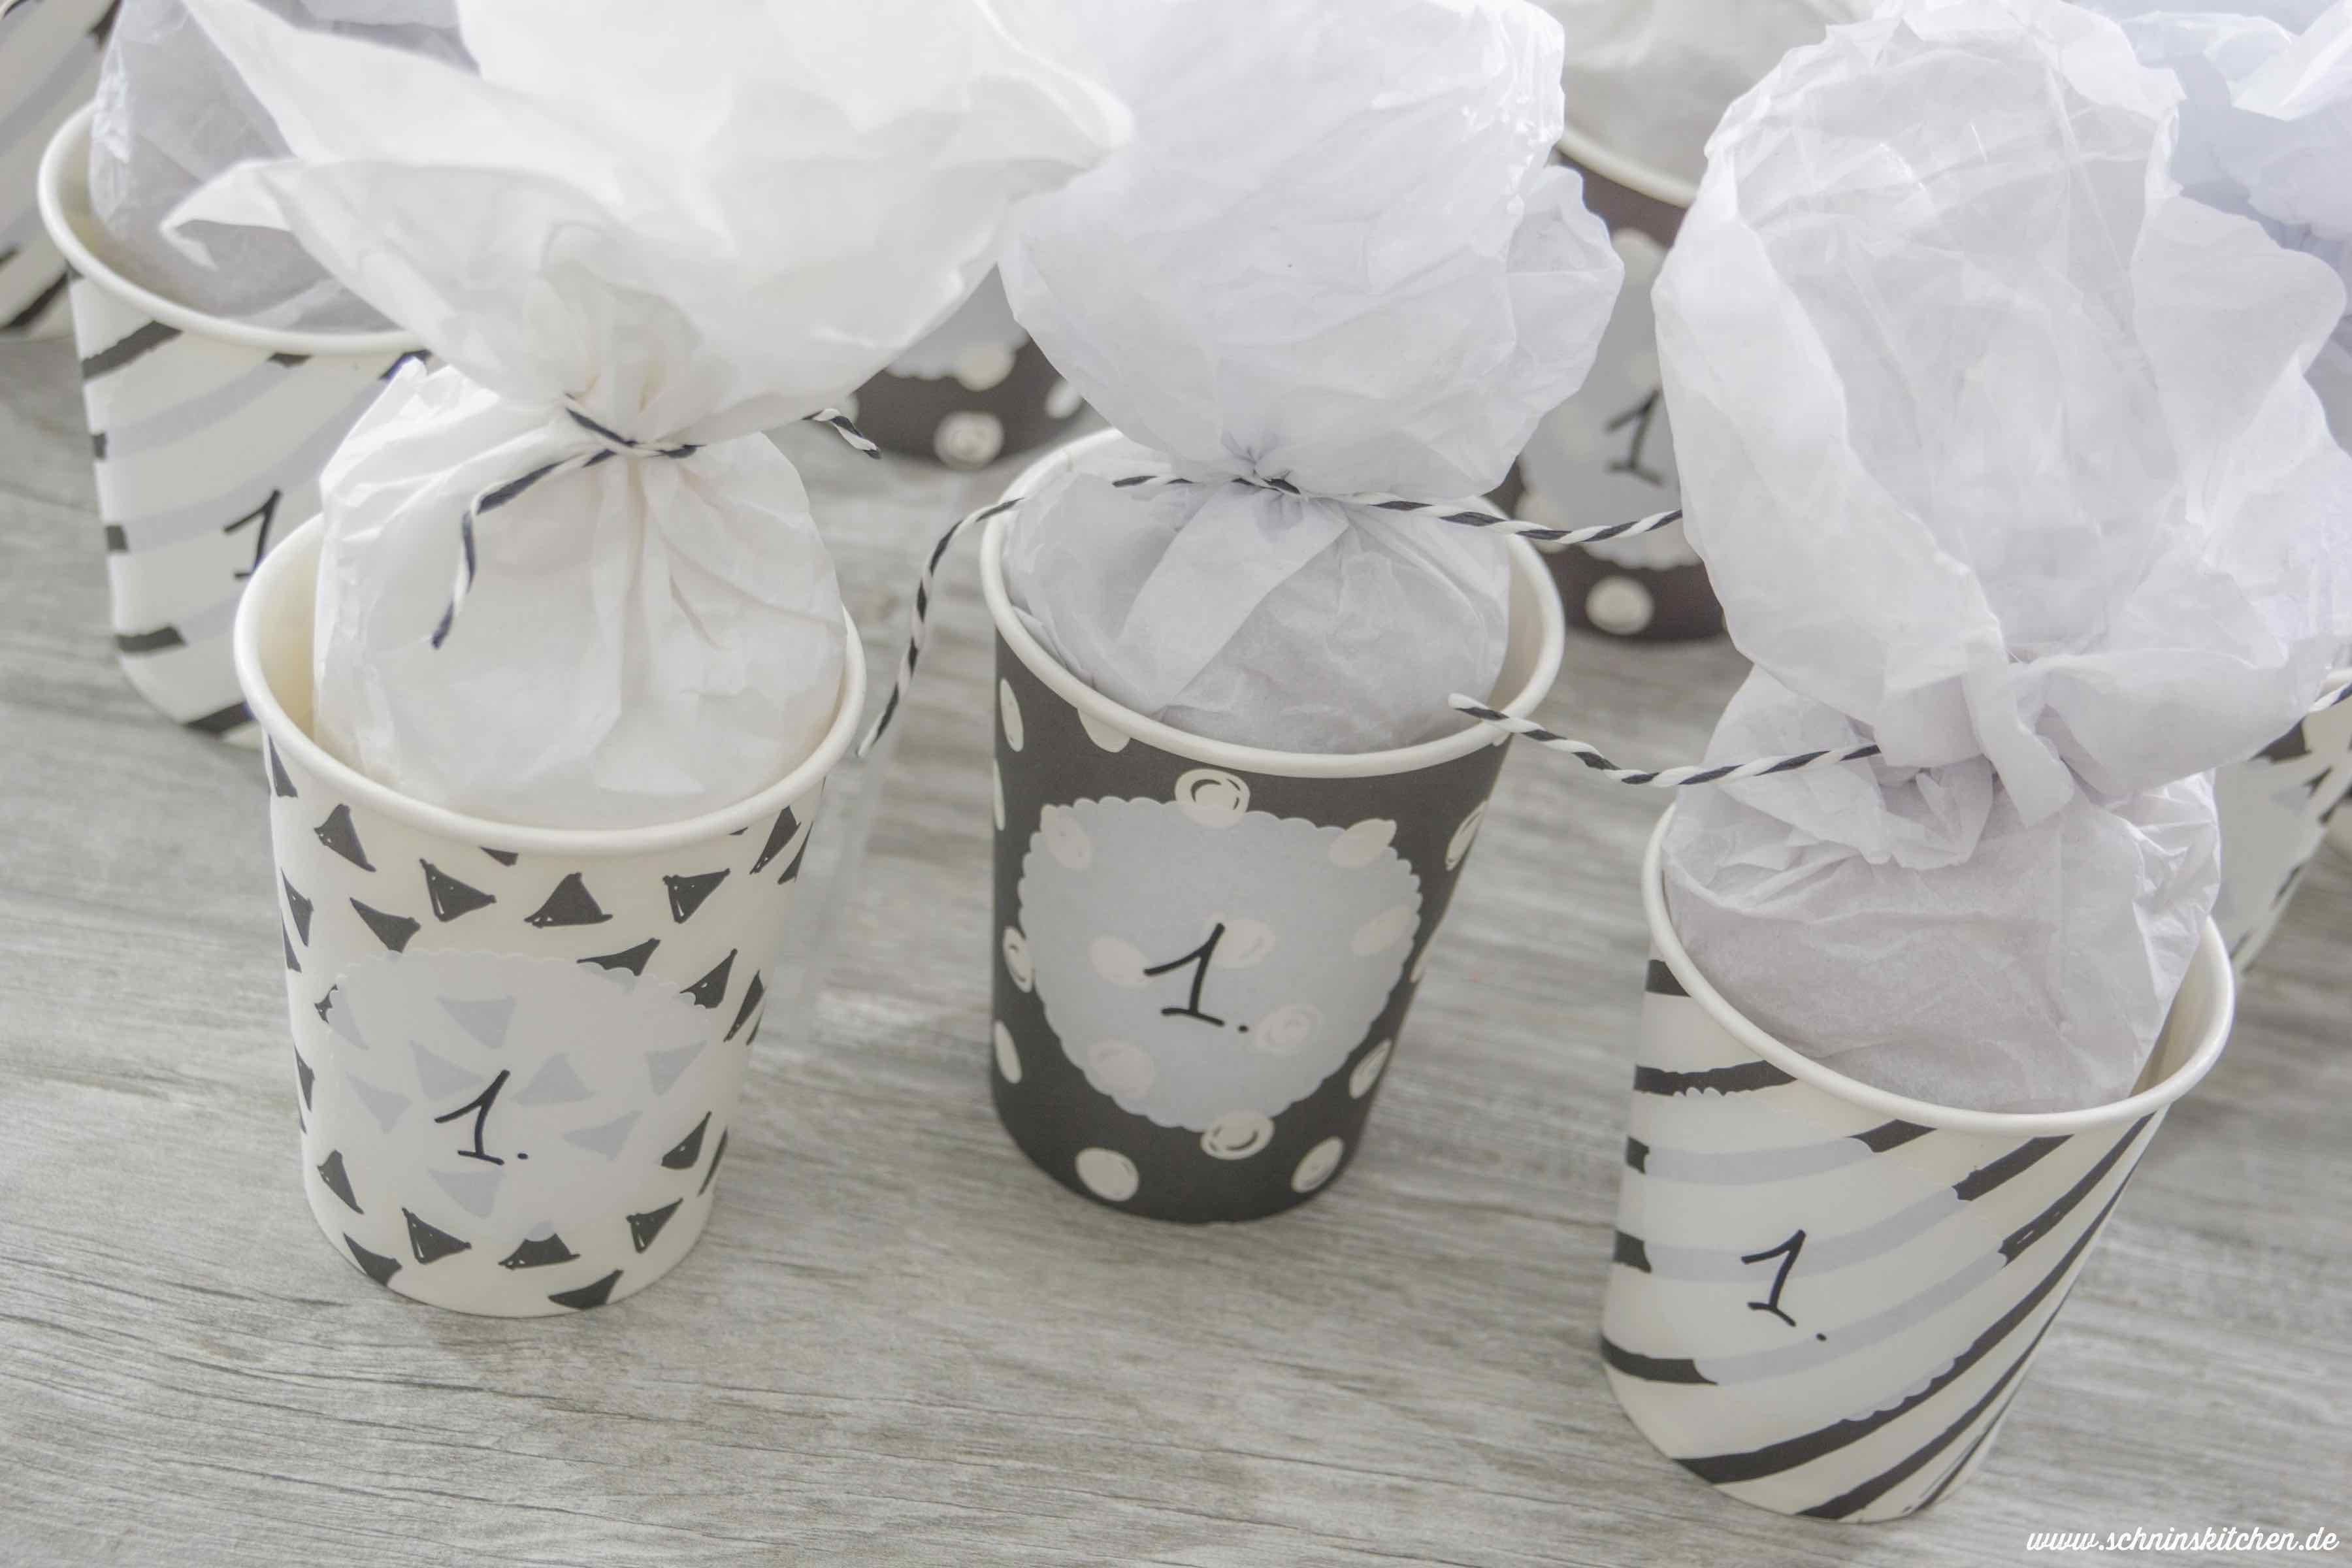 Adventskalender basteln aus Pappbechern - hübsch, schnell und einfach gemacht. | www.schninskitchen.de